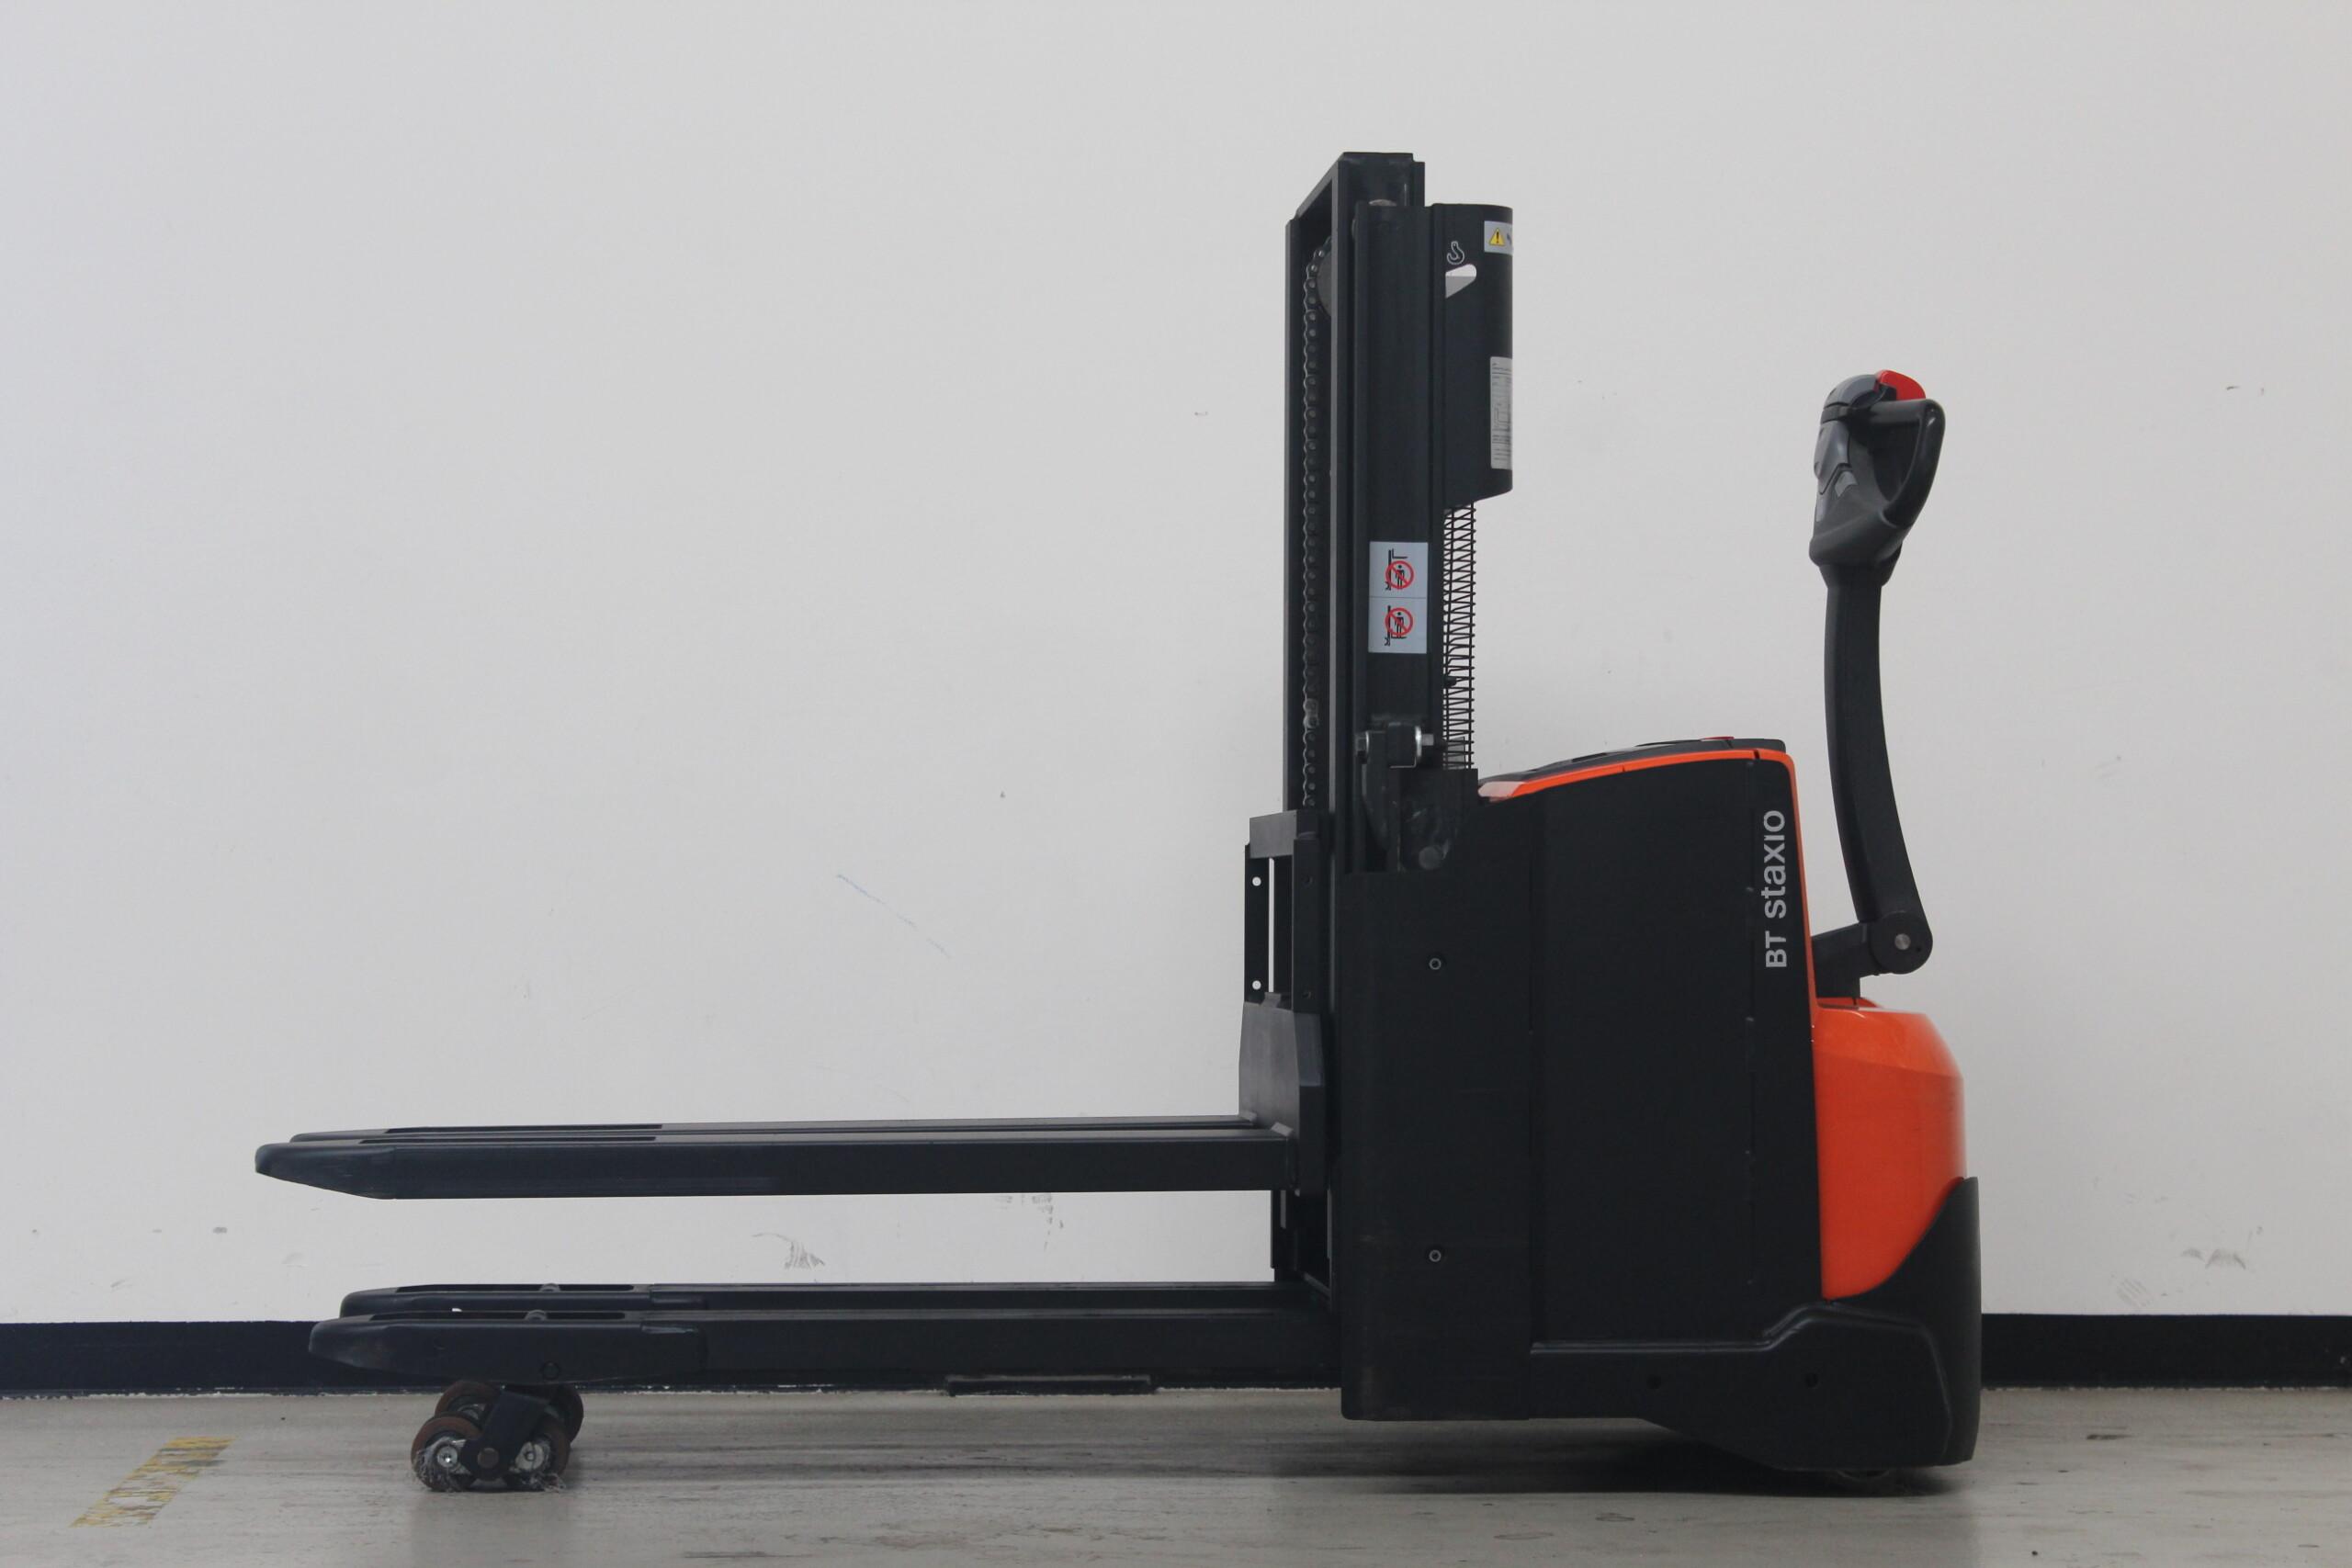 Toyota-Gabelstapler-59840 1610083799 1 8 scaled